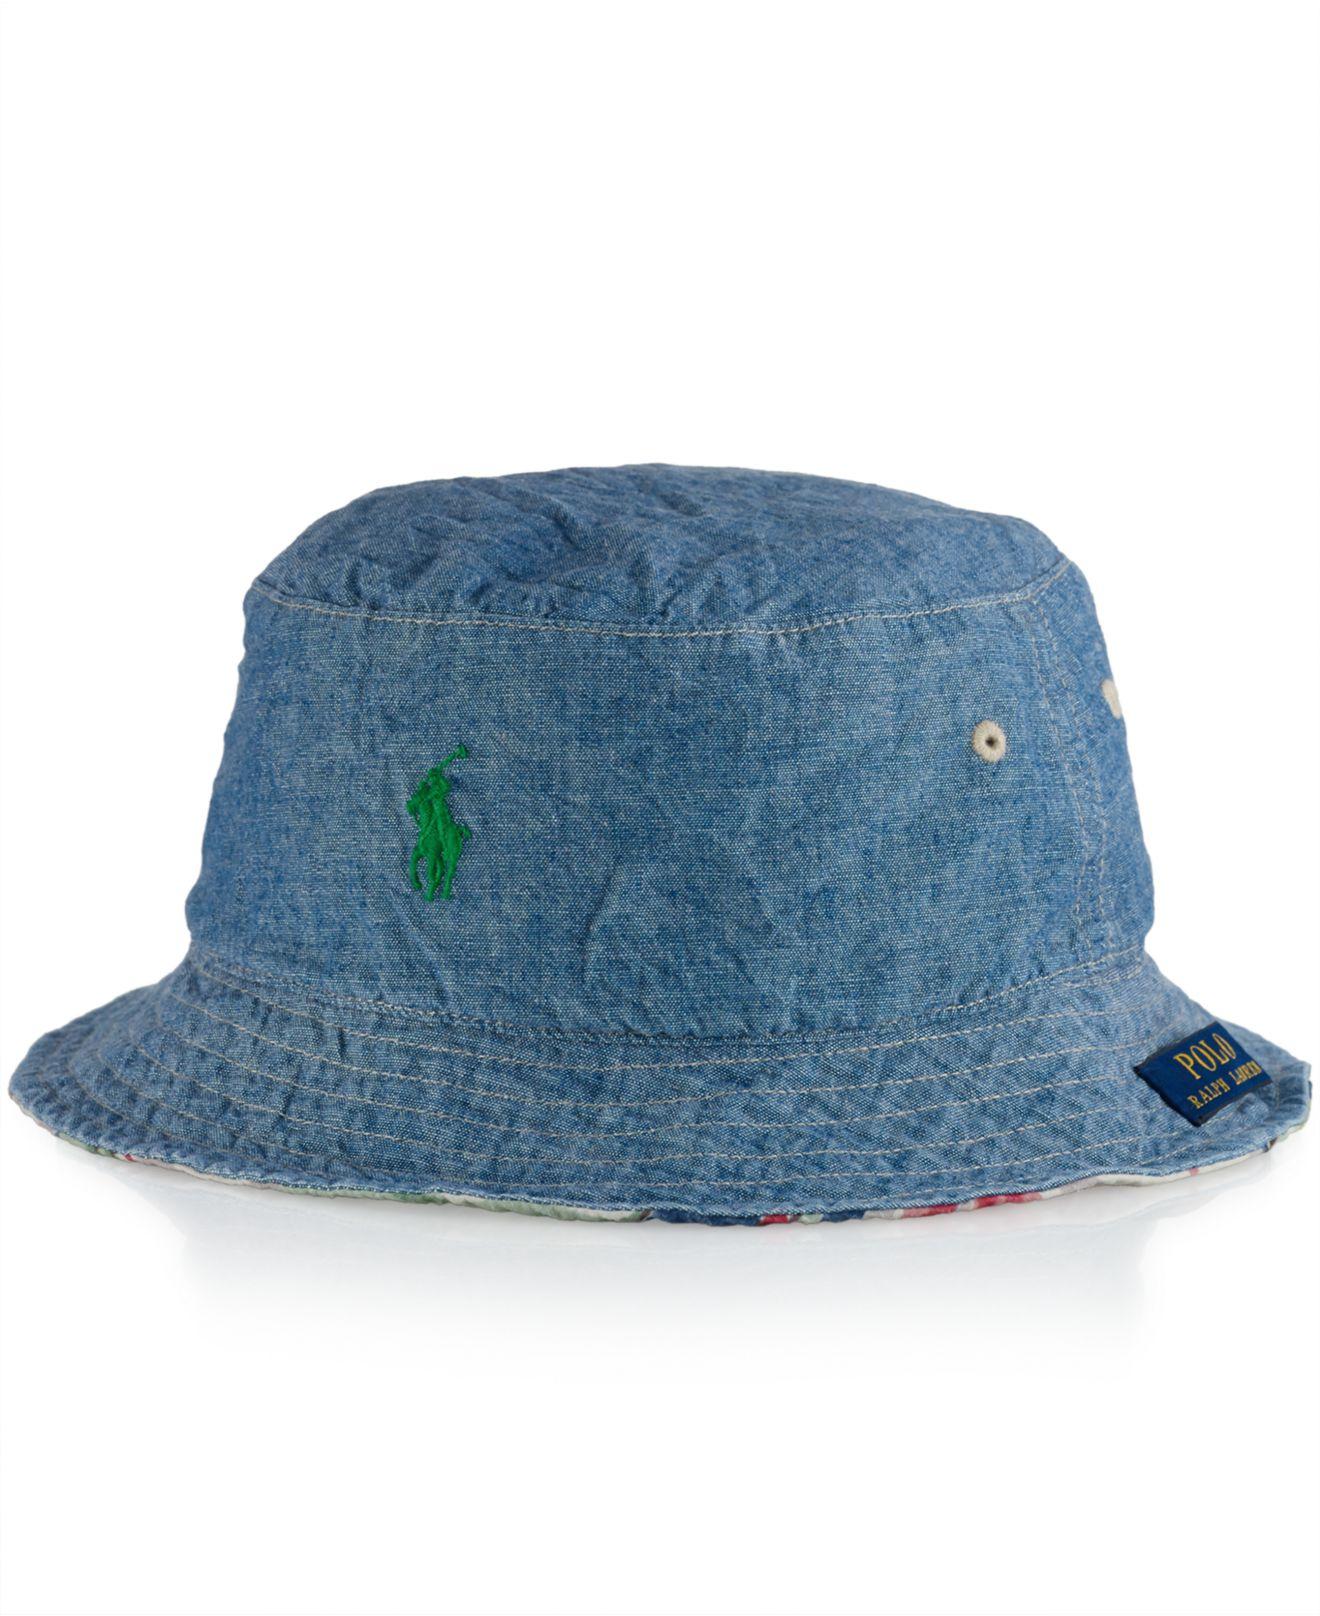 8c82ef2c978 Polo Bucket Hat Polo ralph lauren Reversible Bucket Hat in Blue for Men